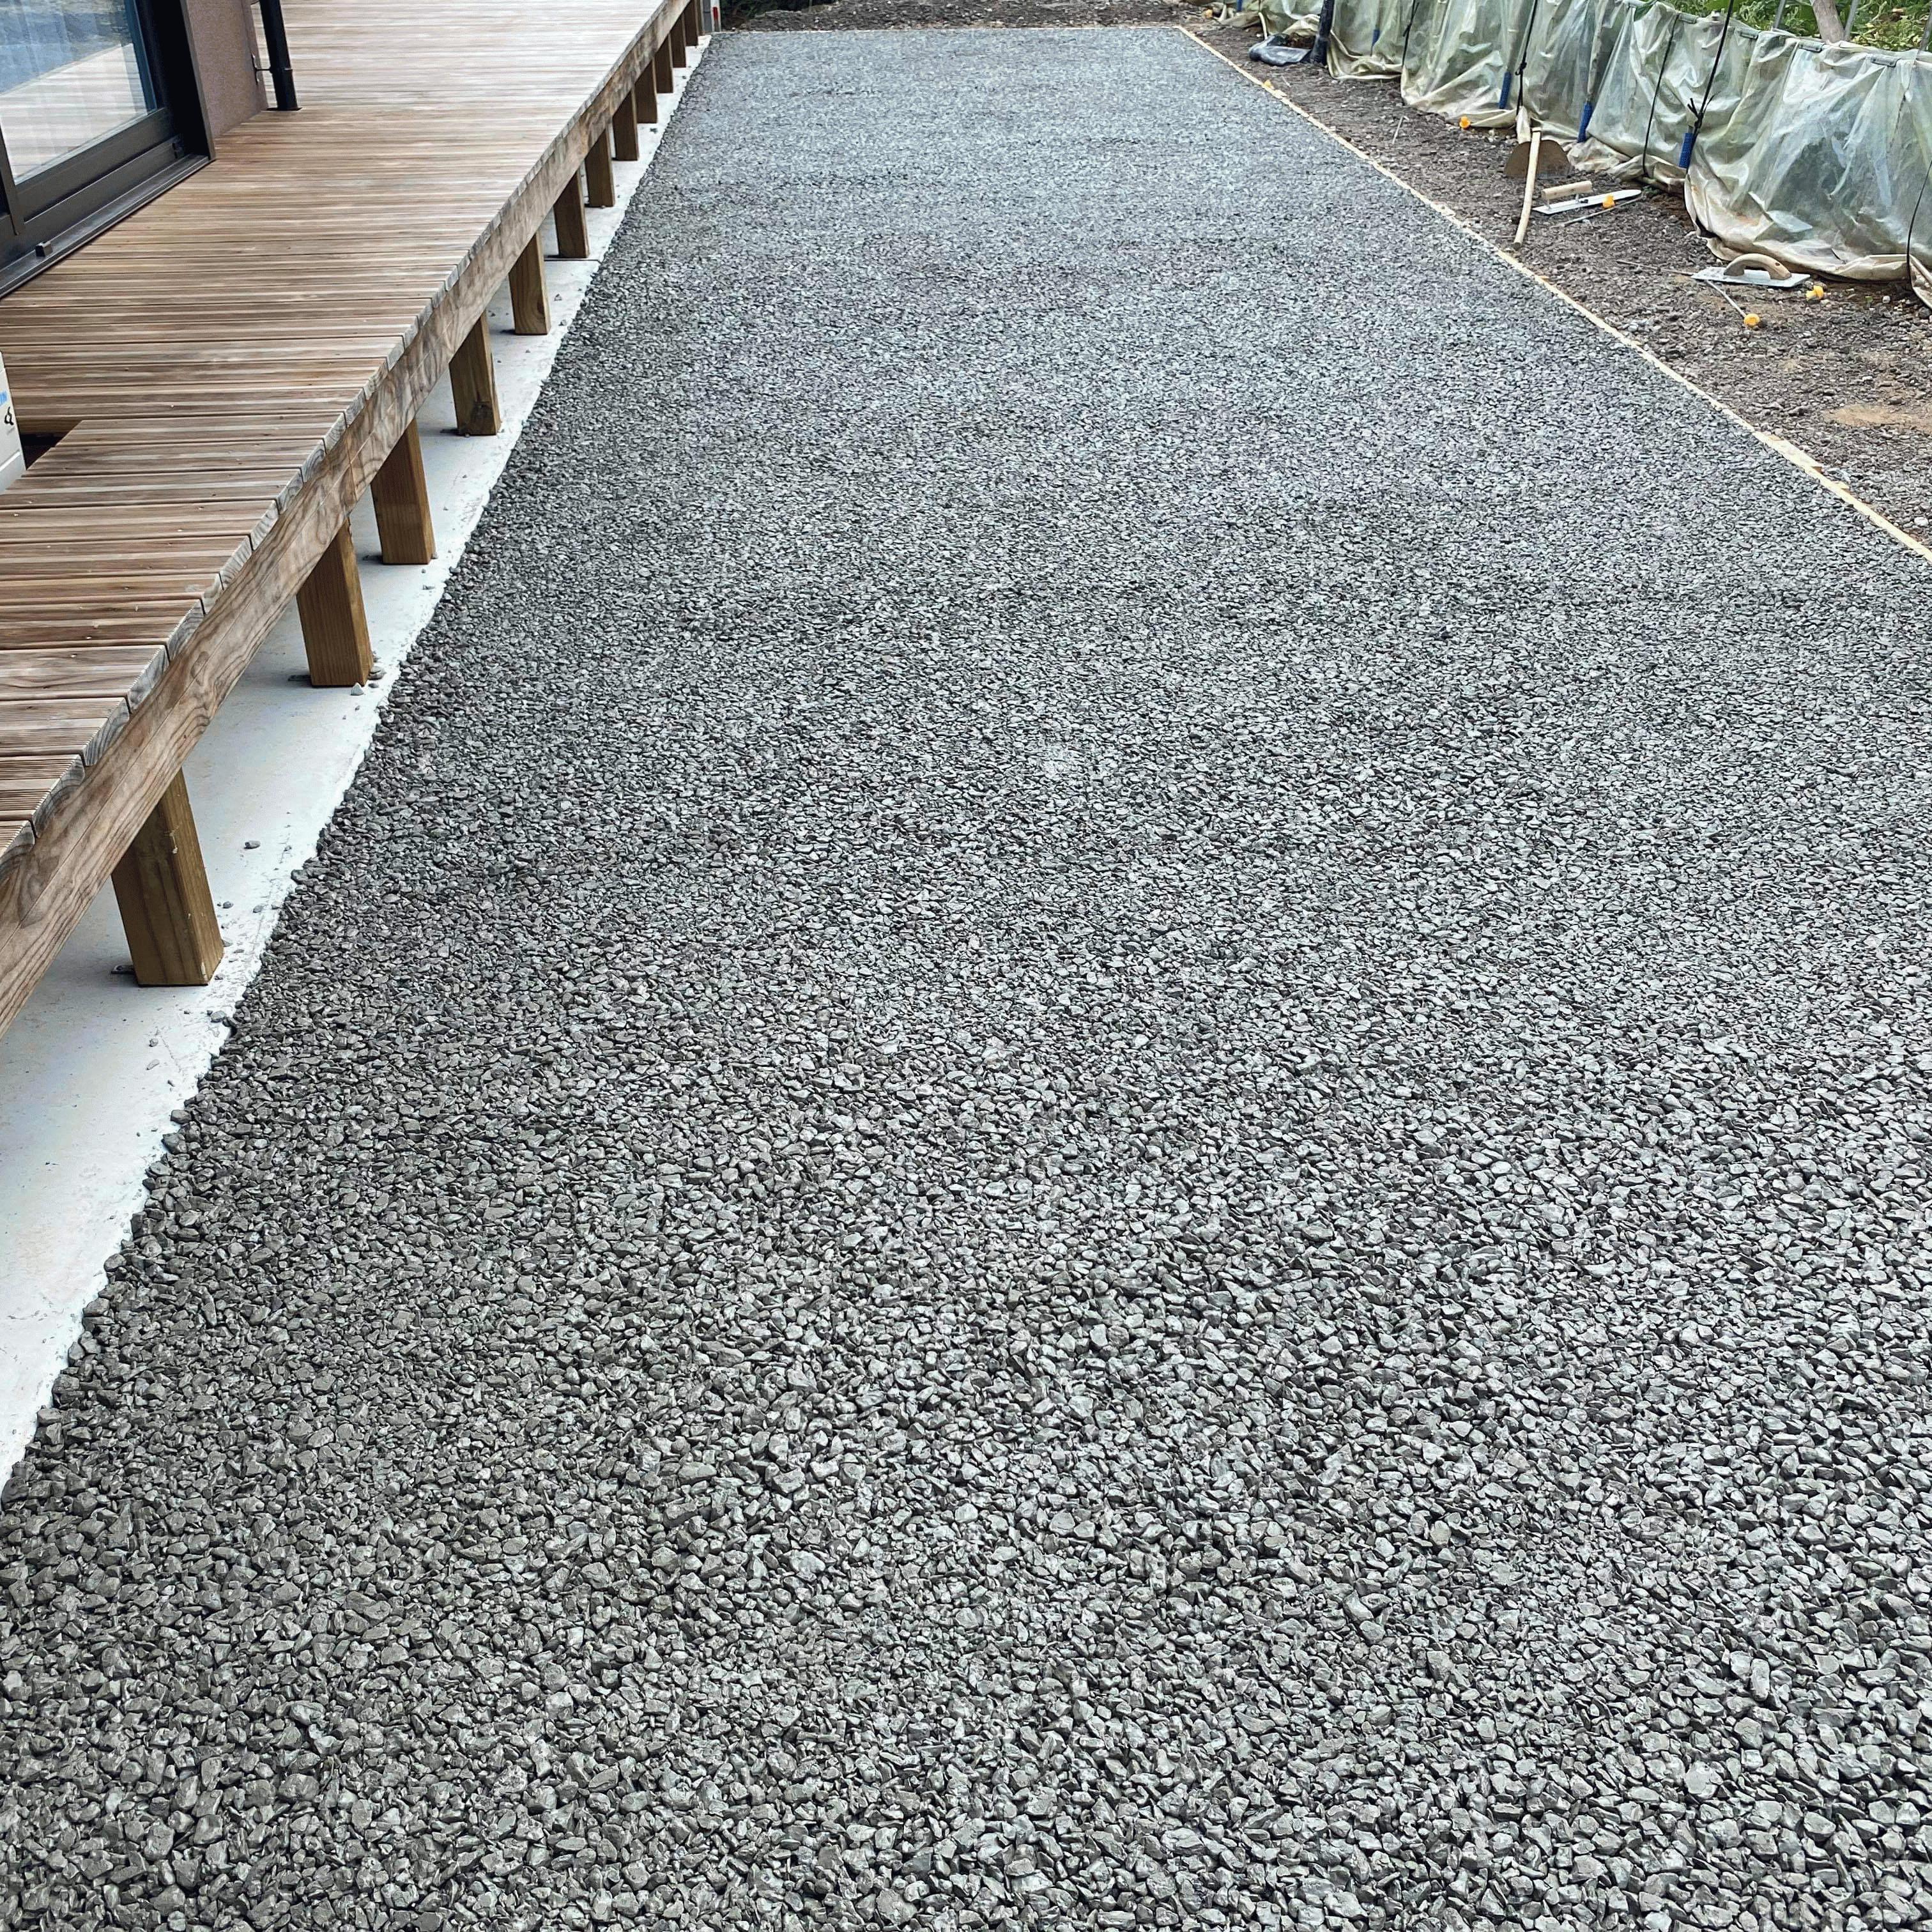 【千葉】「ポーラスコンクリート(パーミアコン、ドライテック)は水を通す、つまり、空気も通す」安藤産業・BIC